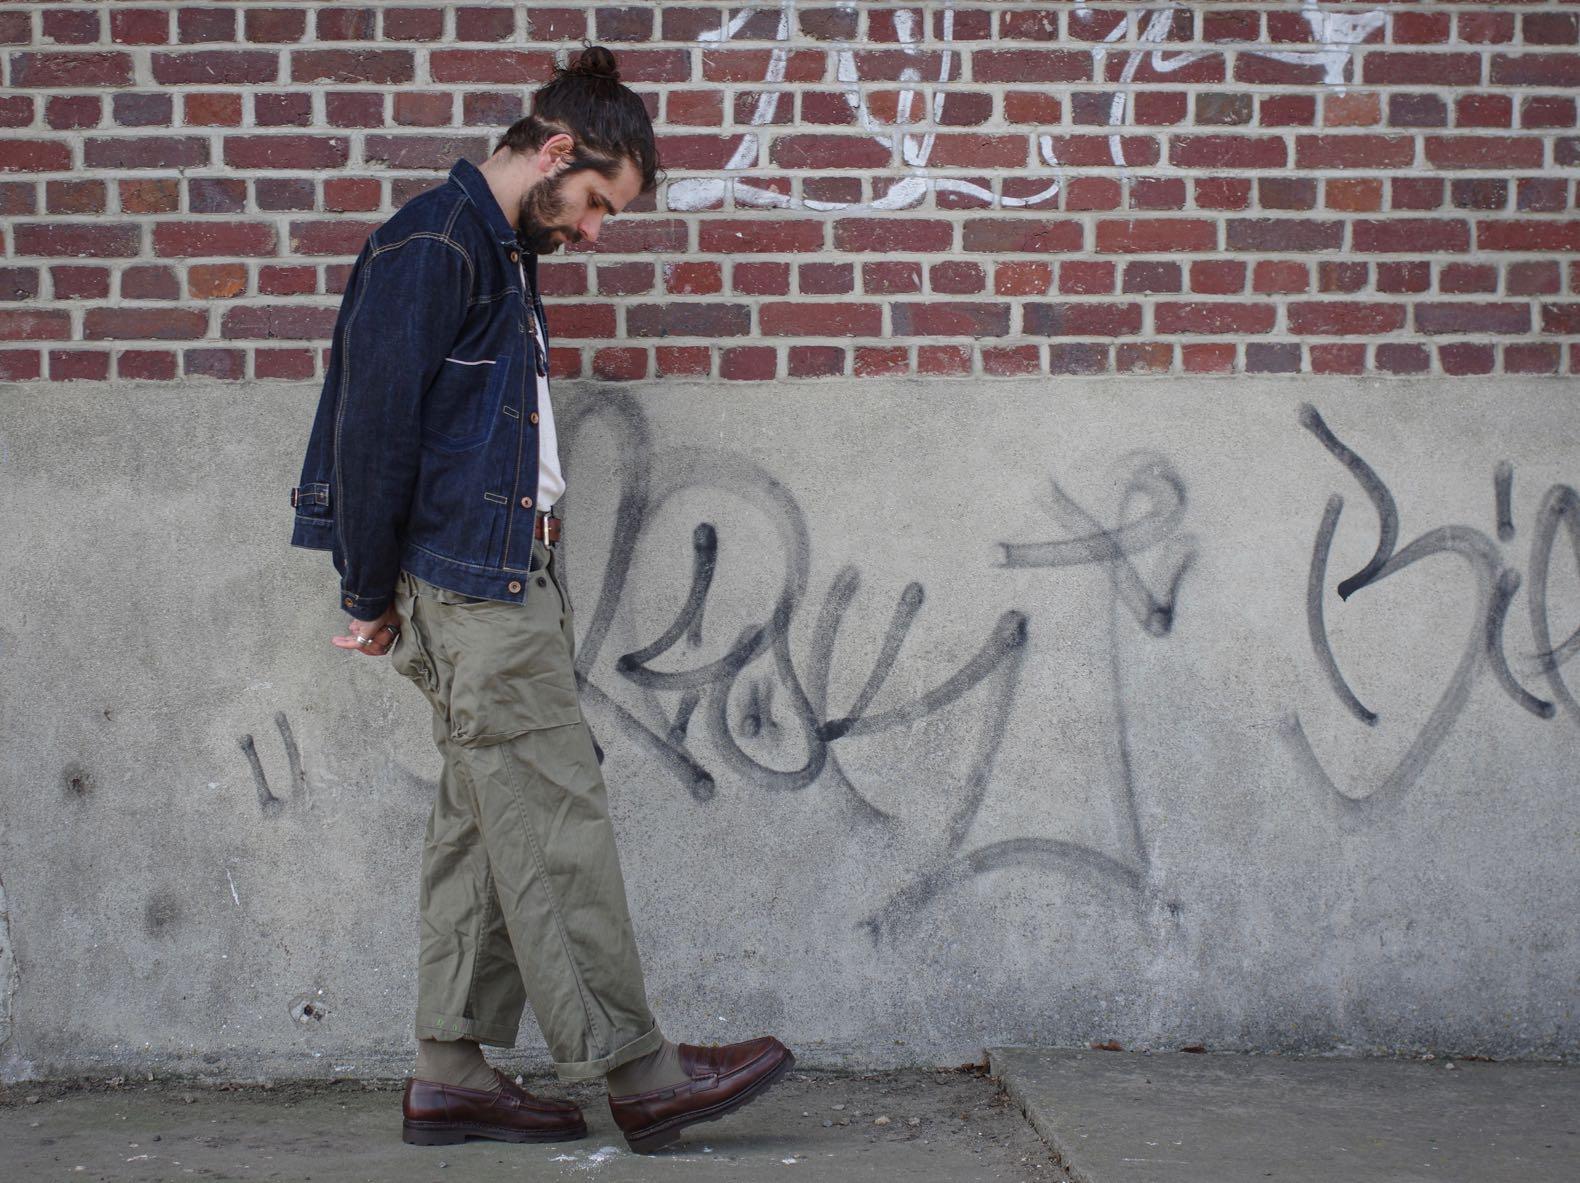 homme qui marche habillé en pantalon cargo militaire et veste en jean phi denim et des mocassins marrons paraboot